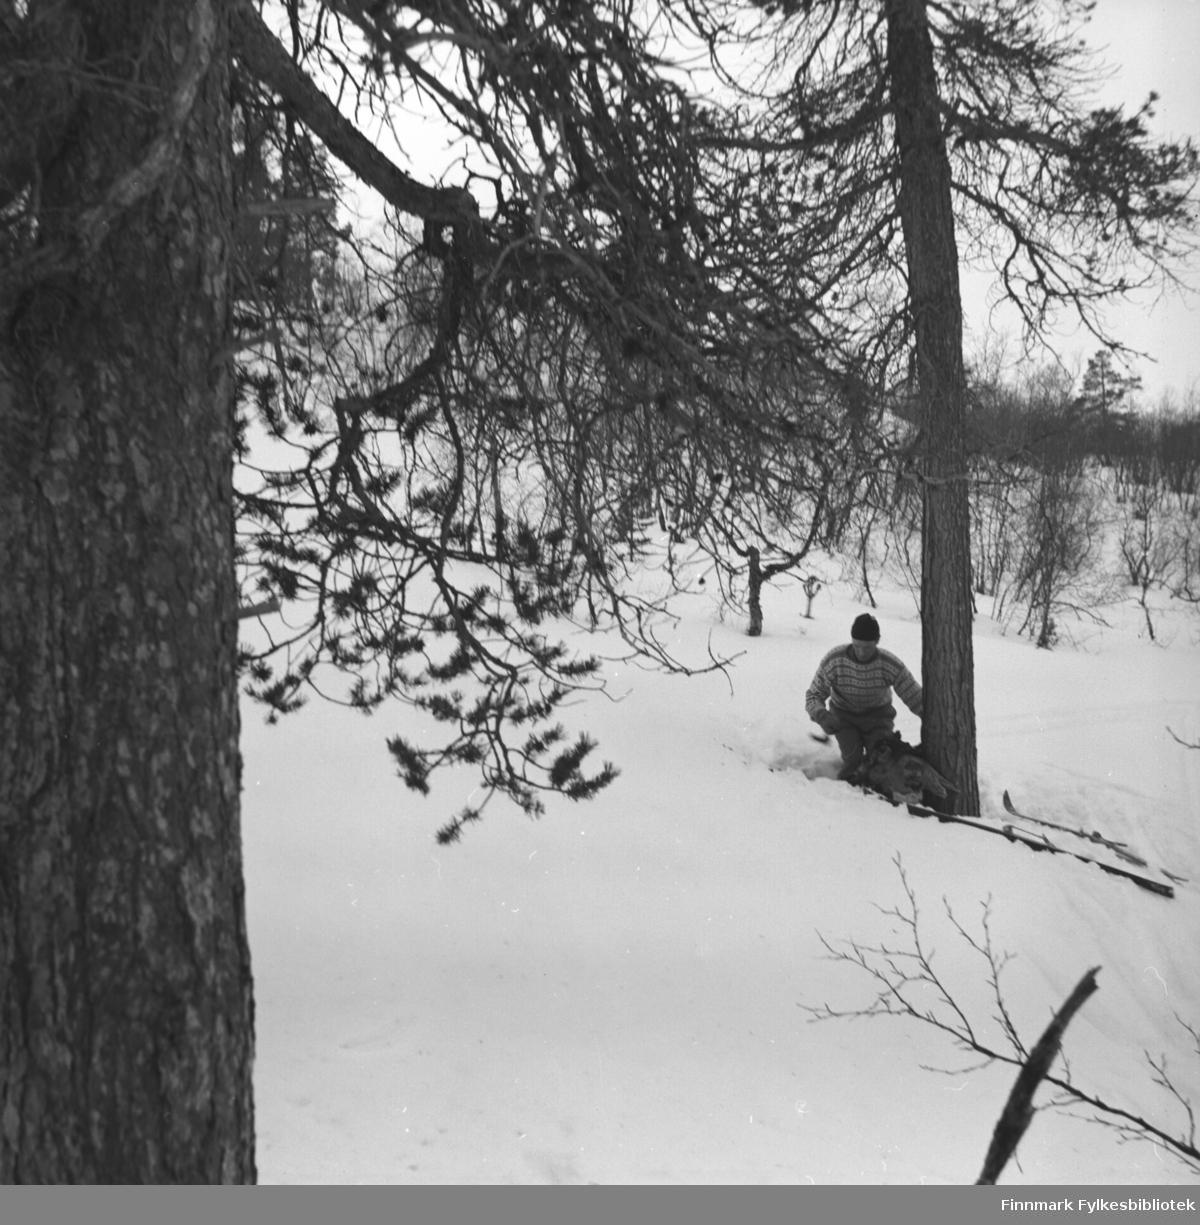 Eino Drannem på skitur i skogen nær Karasjok.